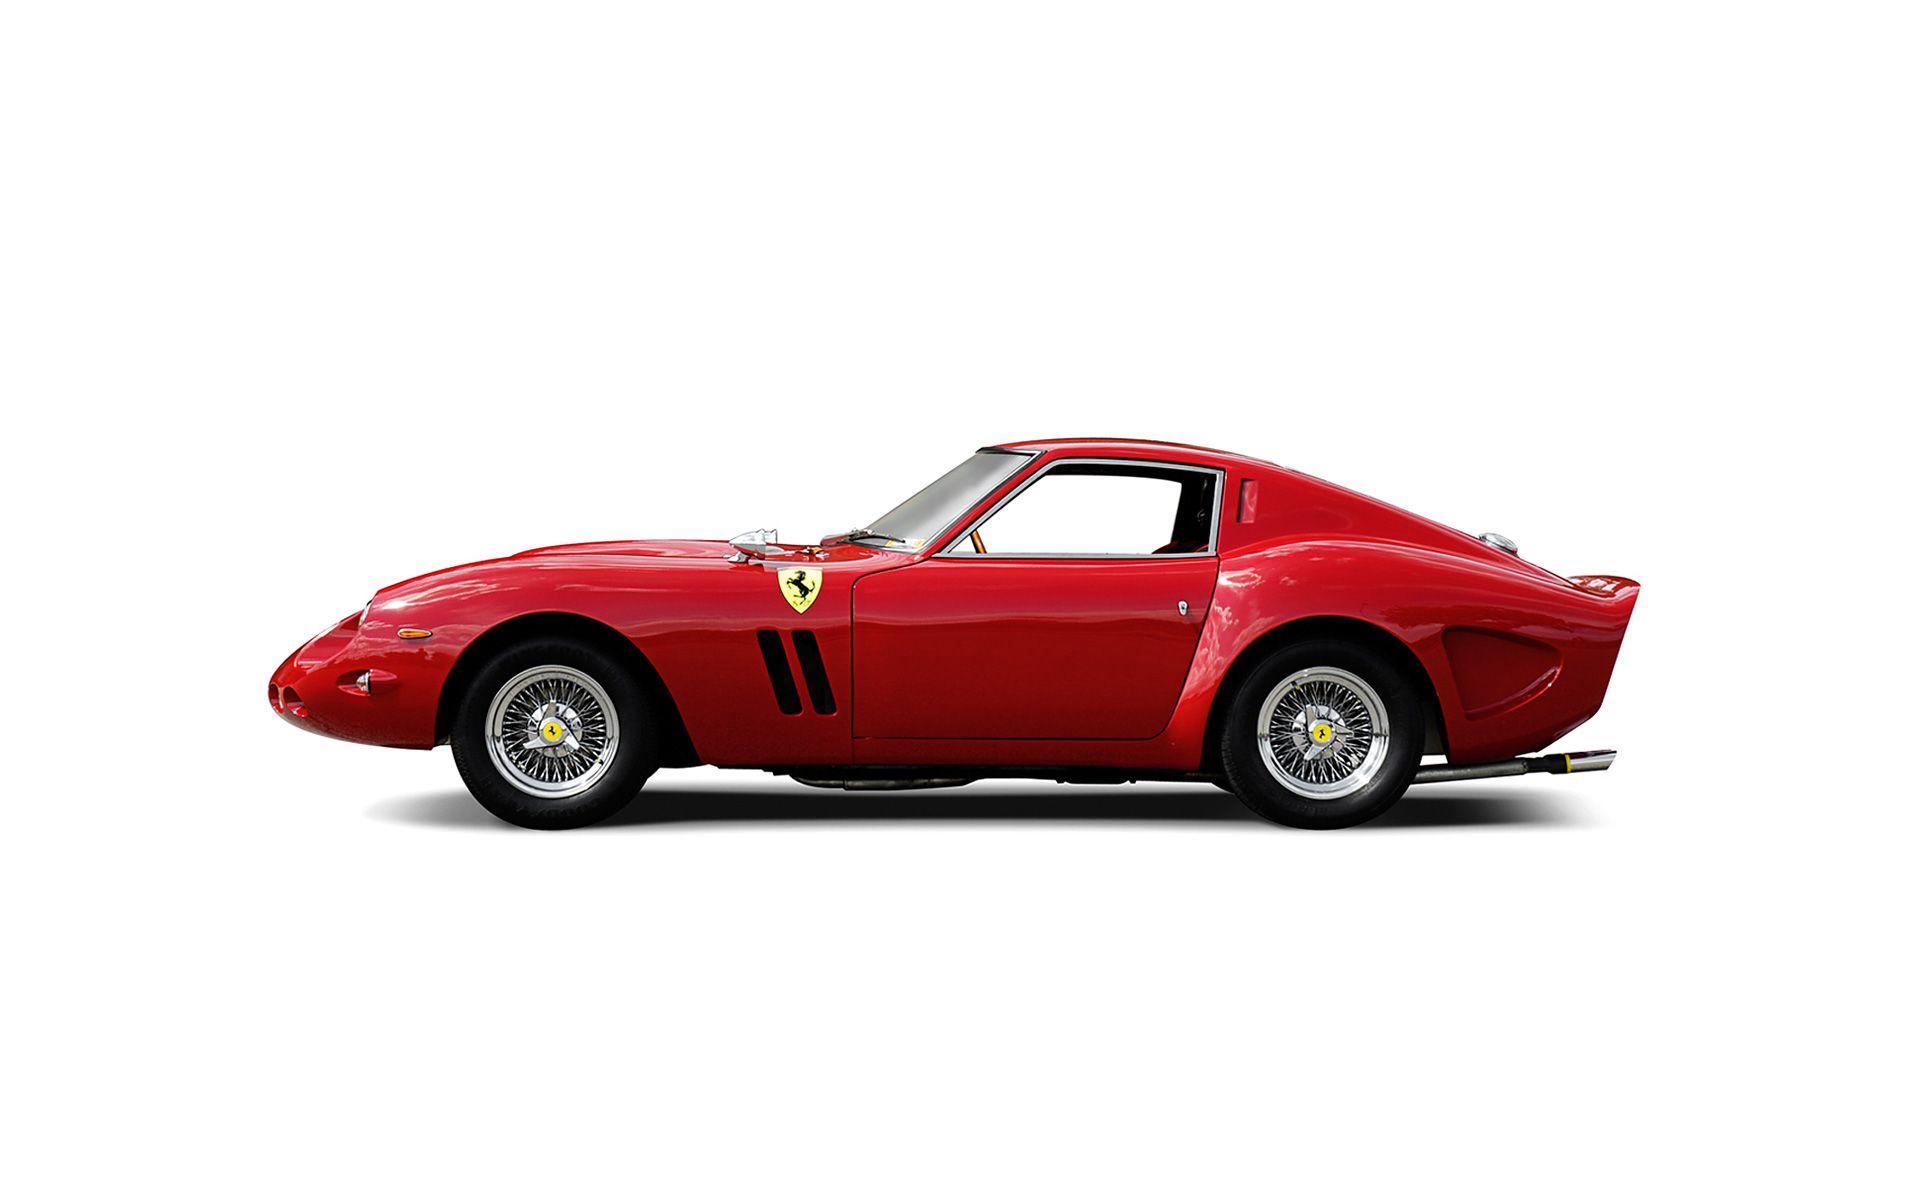 8a11bec3d524379507f57581e9af47ea Elegant Ferrari F 108 Al-mondial 8 Cars Trend